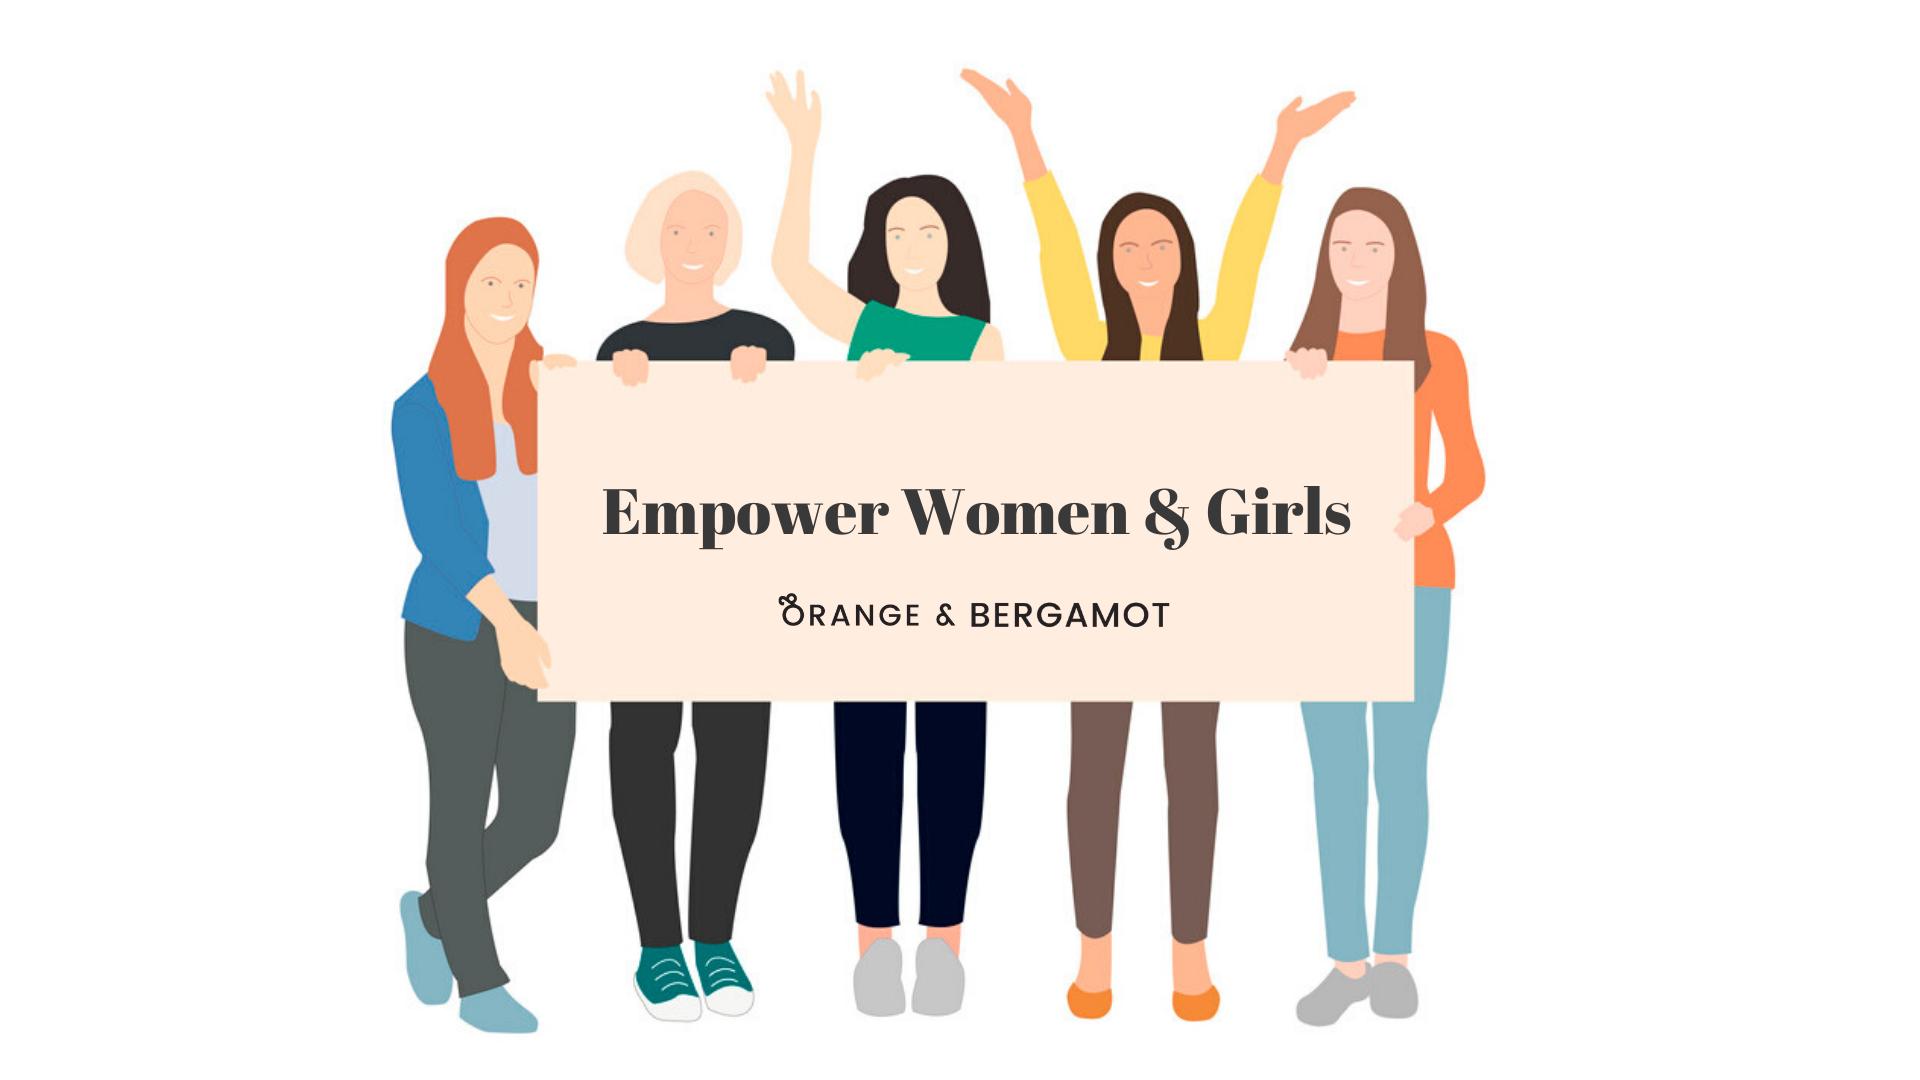 Empower Women & Girls